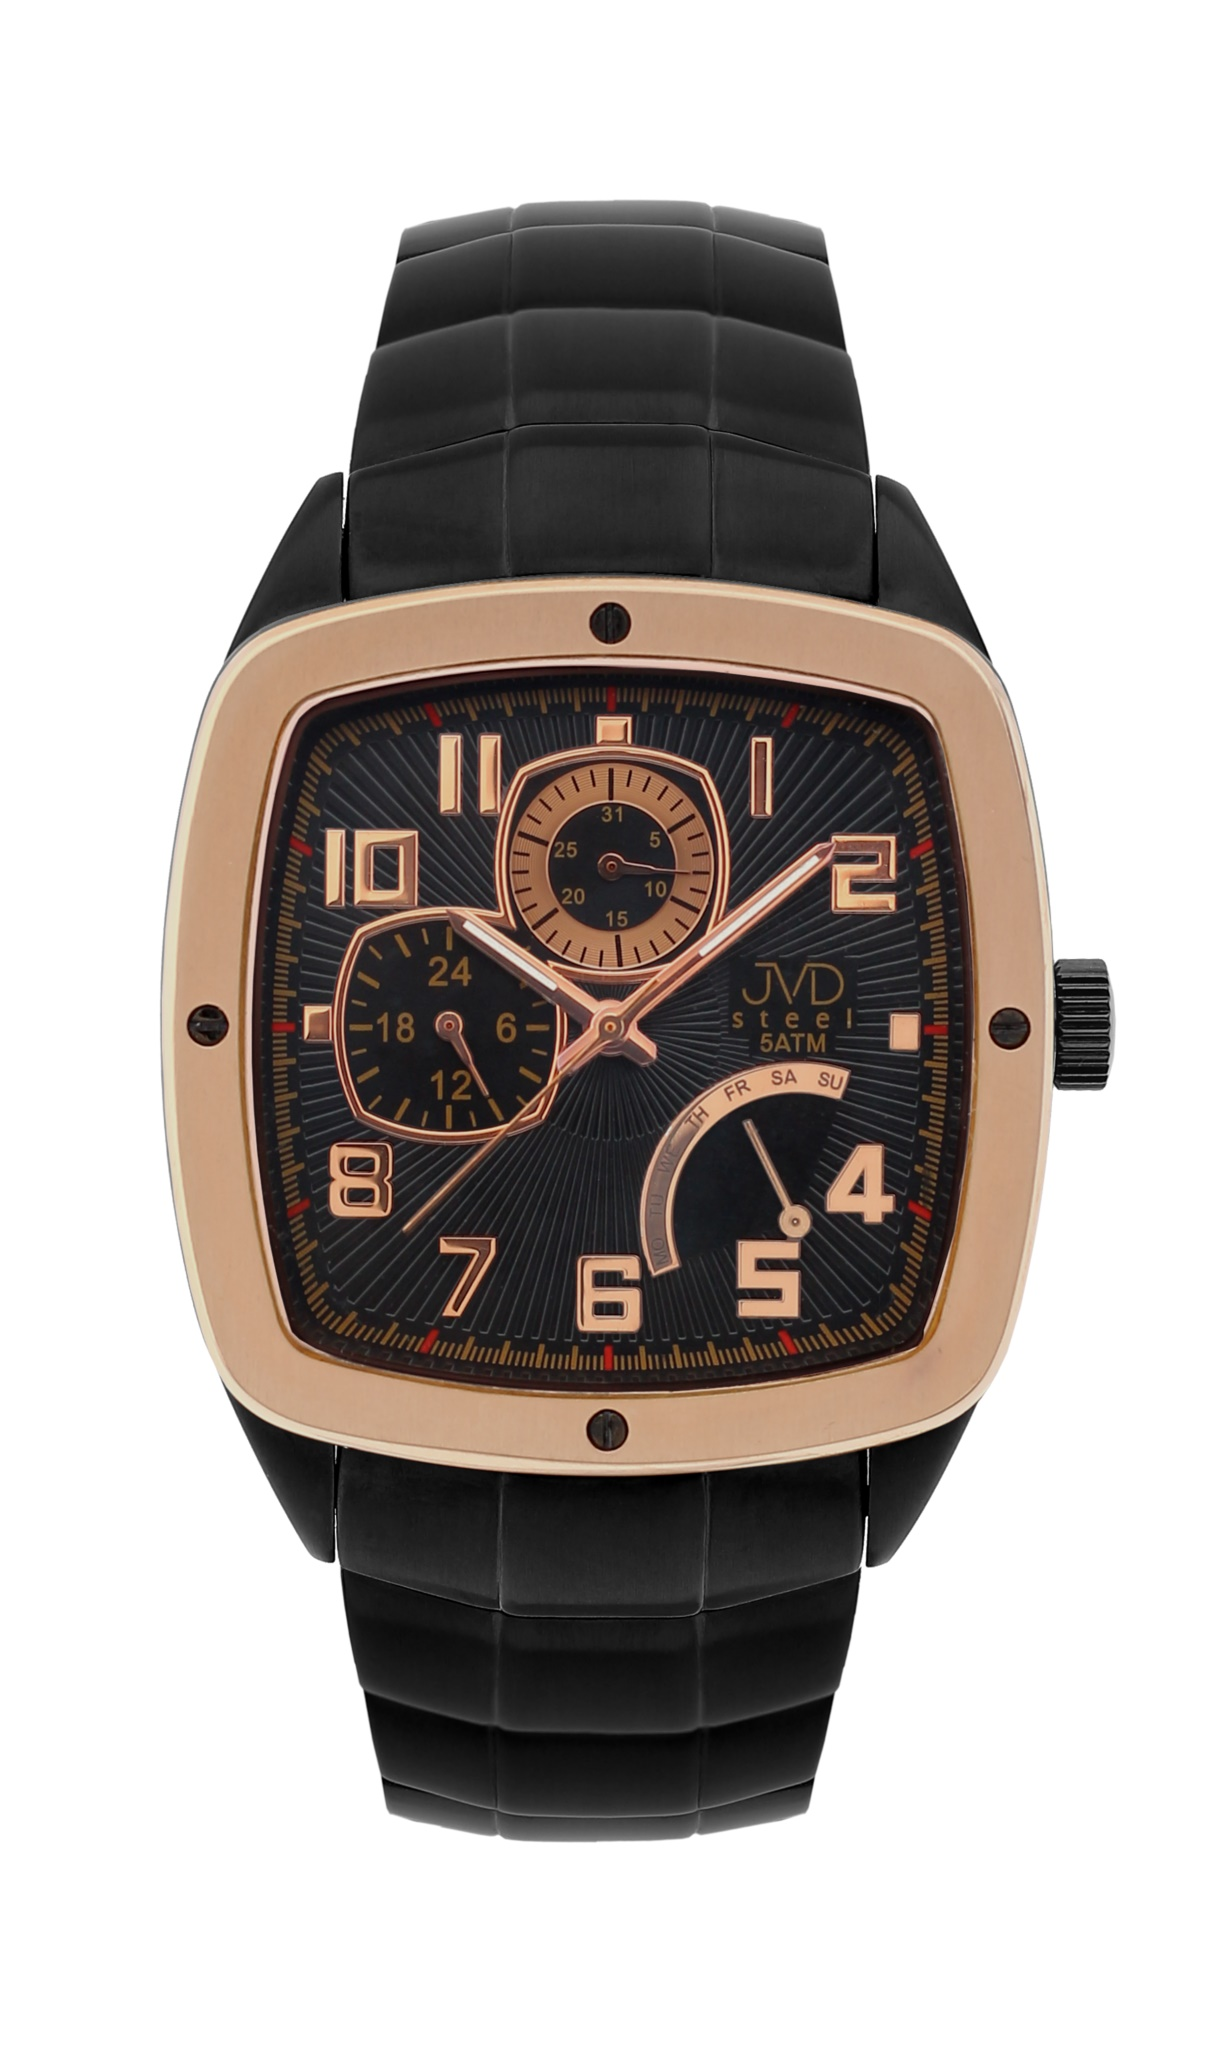 Pánské vodoodolené hranaté exkluzivní náramkové hodinky J1021.1 - 5ATM POŠTOVNÉ ZDARMA!